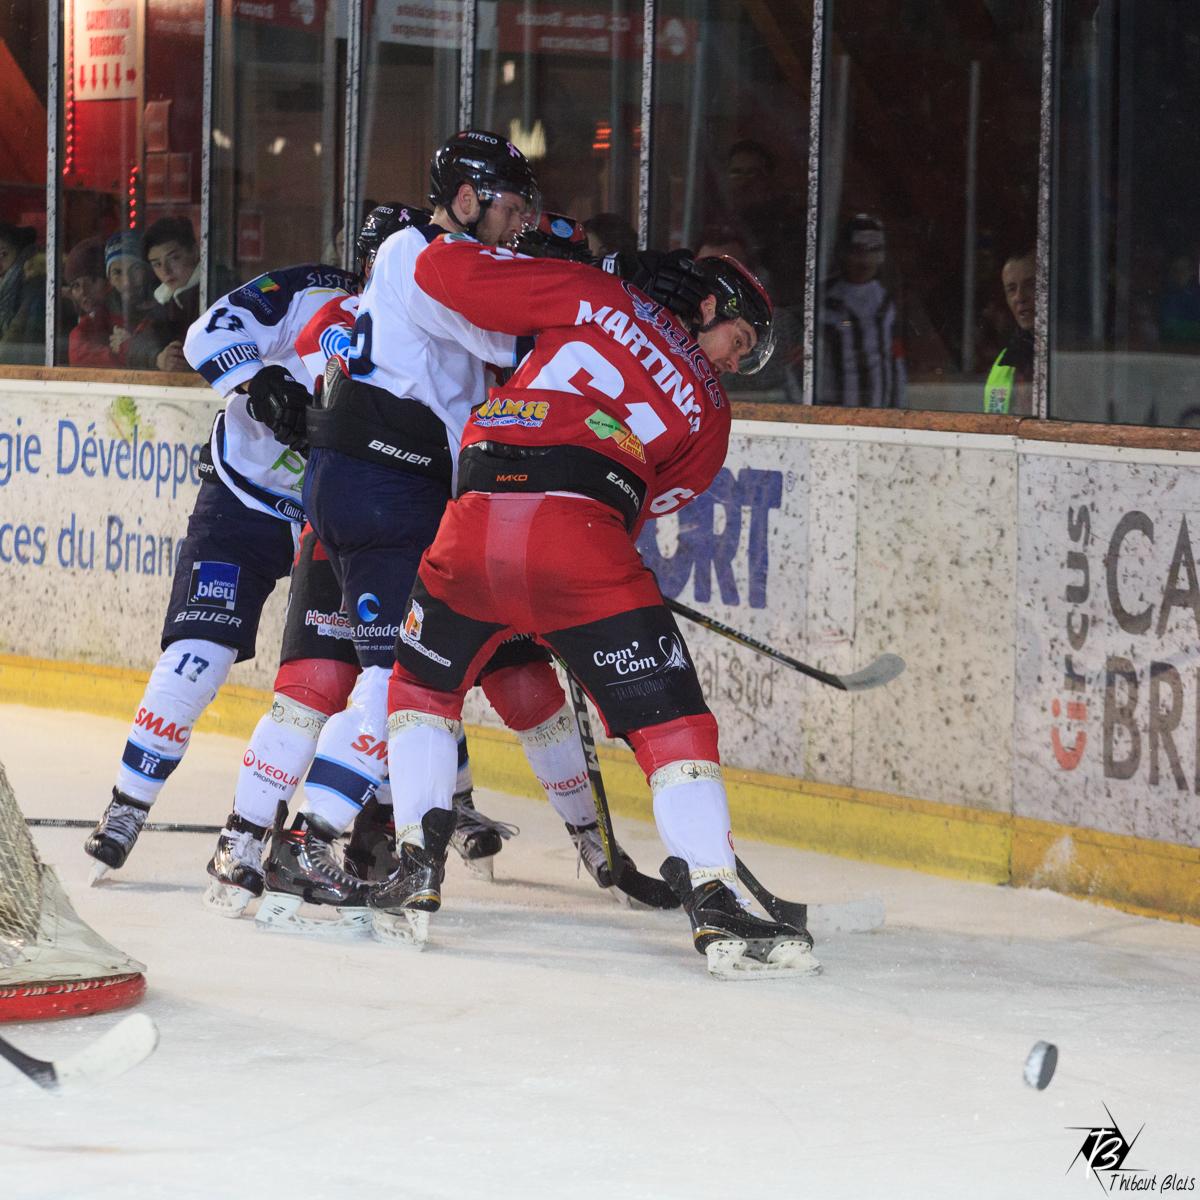 Hockey sur glace D1 Briançon Tours copyright thibaut blais photographie